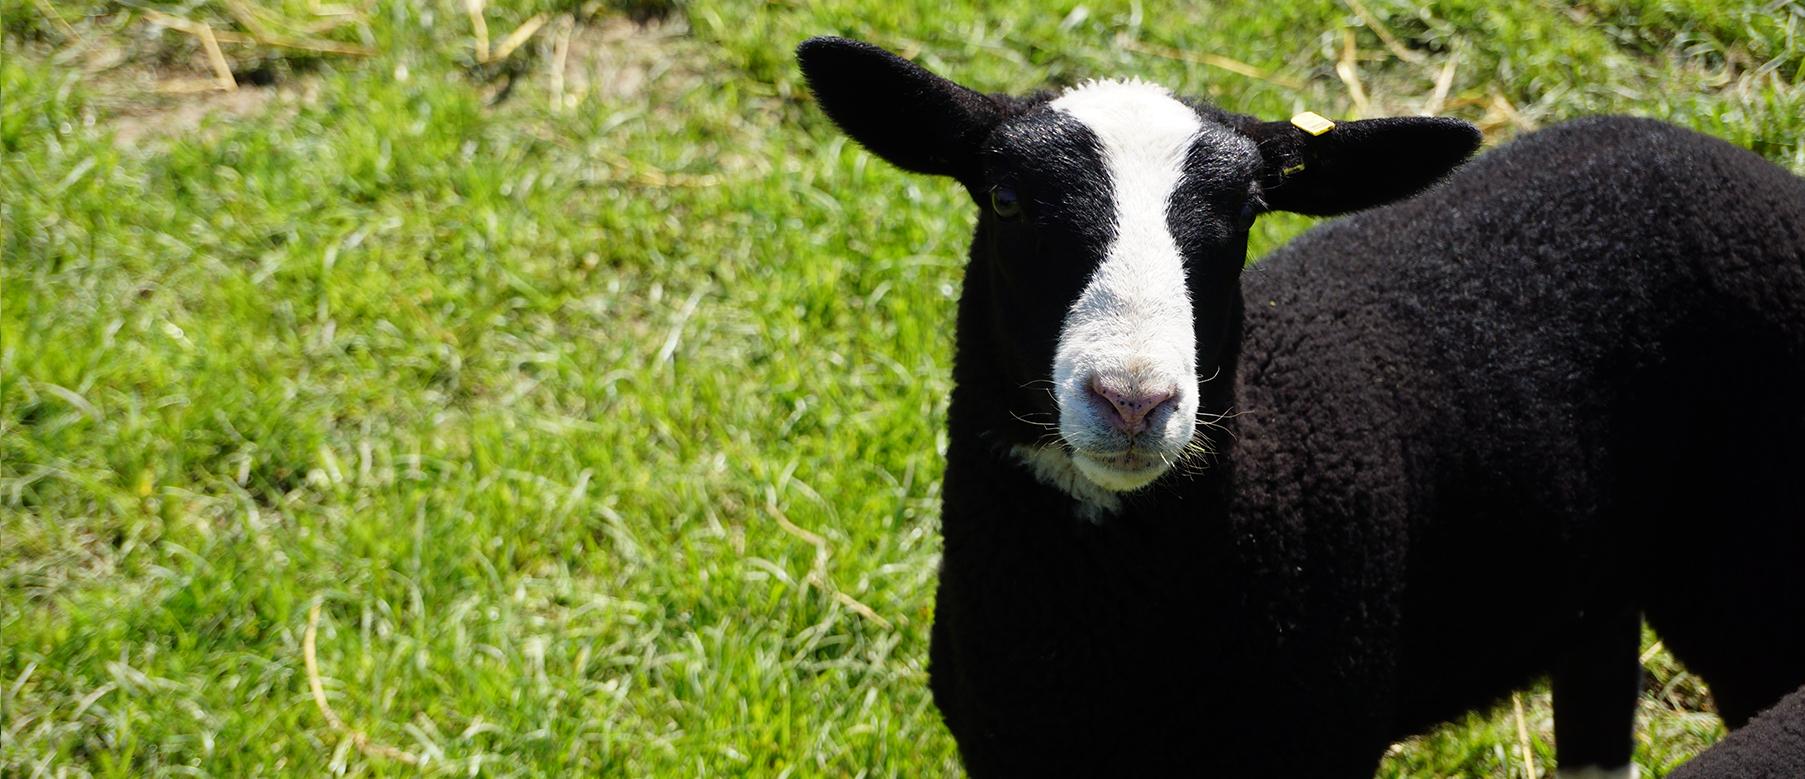 Schaf vom Hof Finke